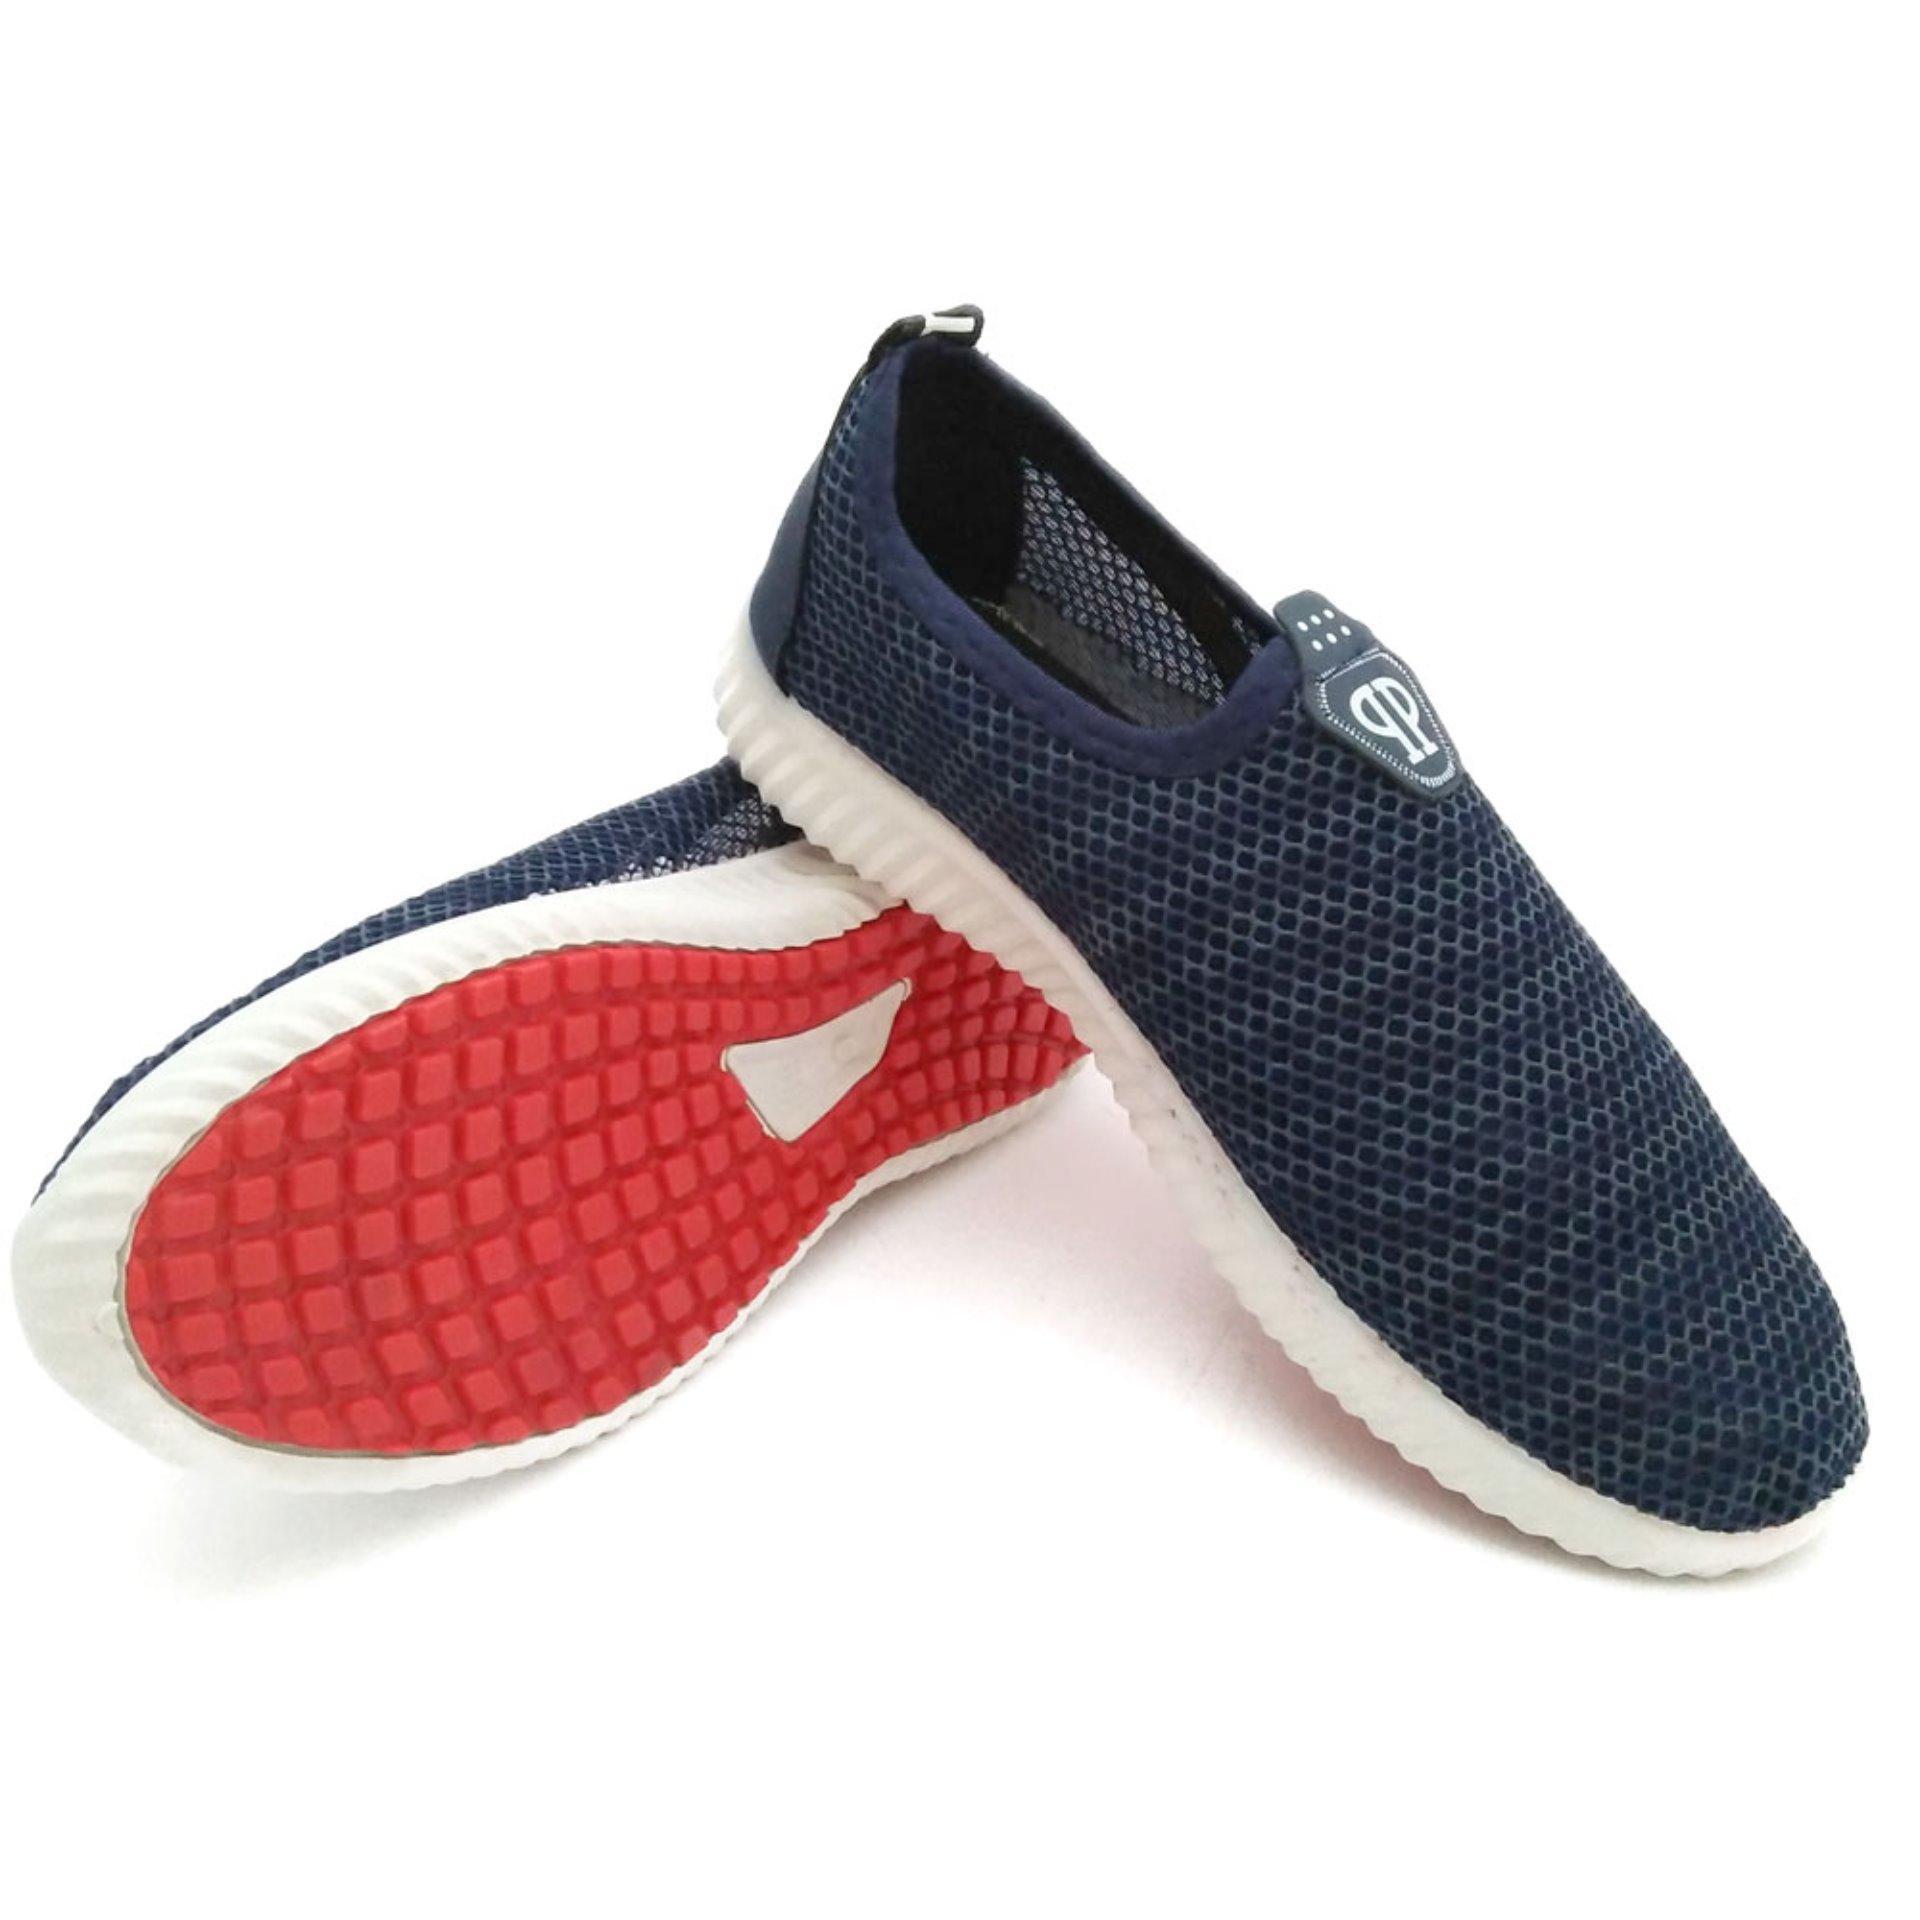 Vivo Fashion Sepatu Casual Pria/Sepatu Slip On Pria/Sepatu Sneakers .